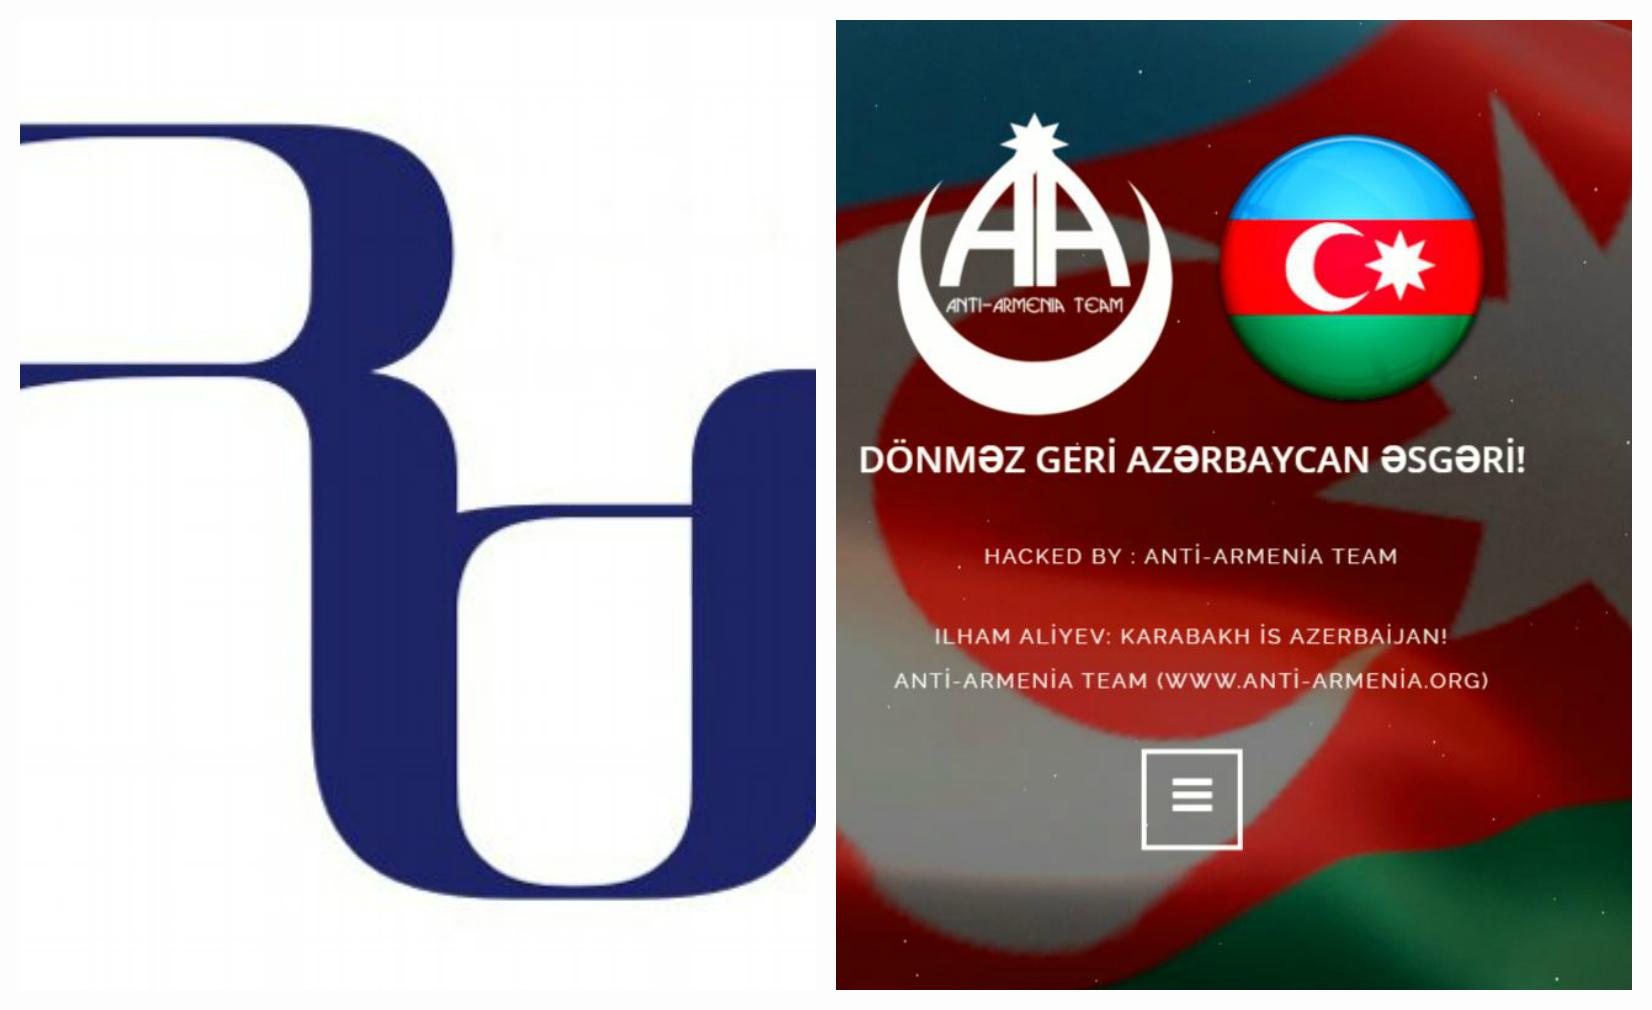 Ադբրբեջանցի հաքերները կոտրել են «Հայկական ժամանակ»–ի կայքը